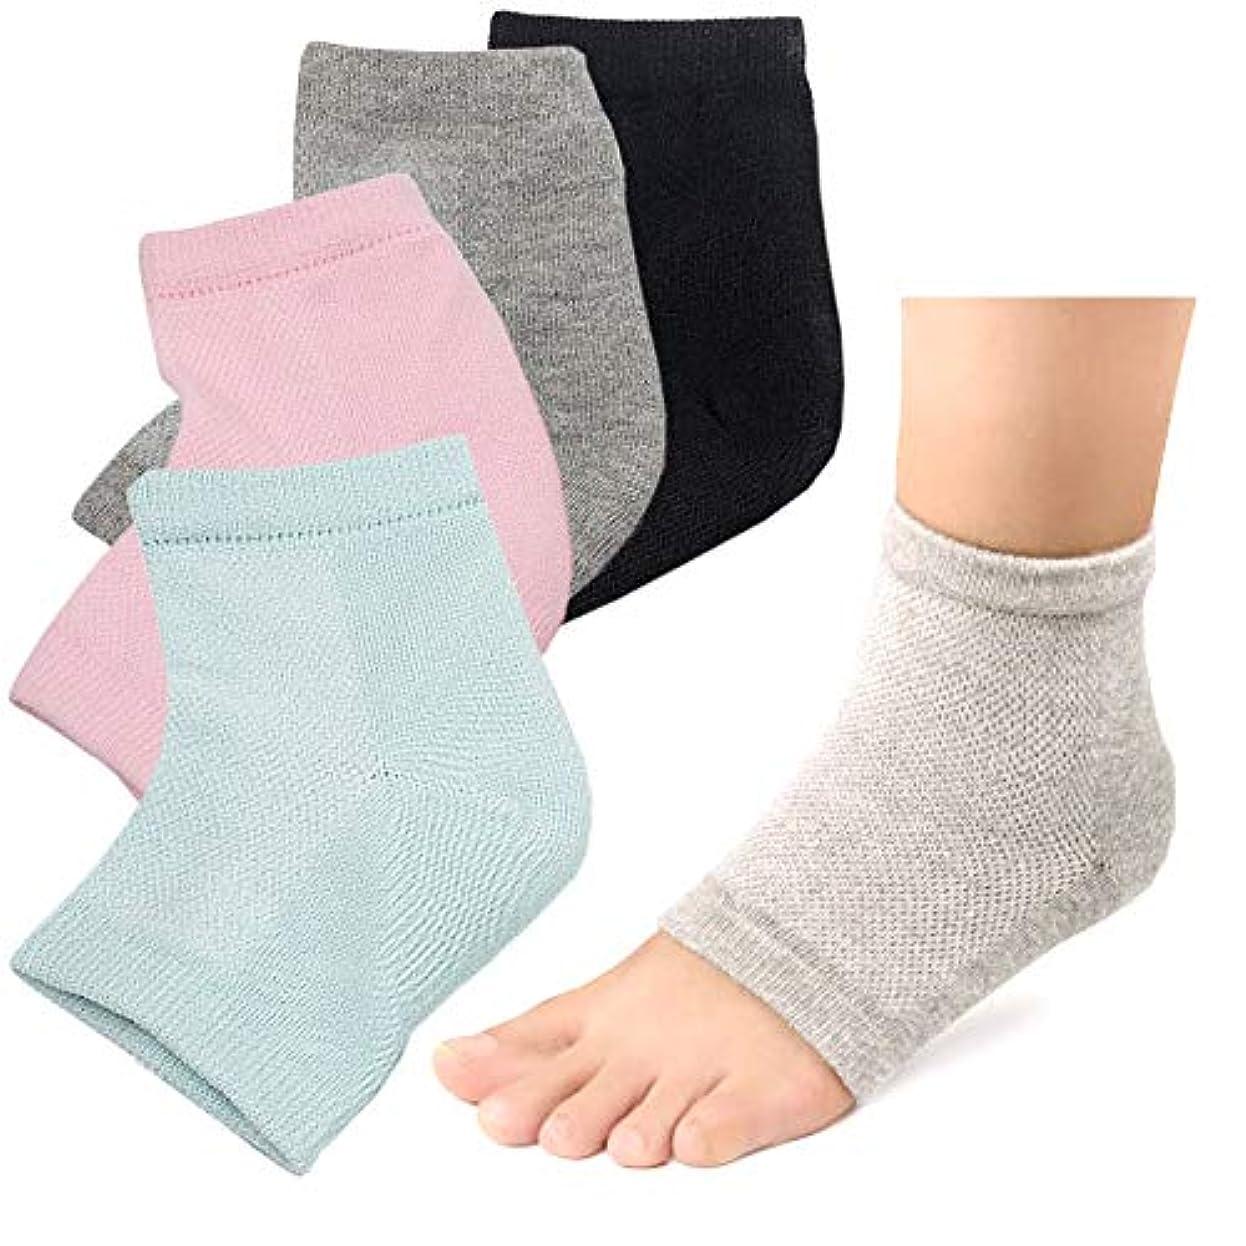 約束するアストロラーベアベニューかかと 靴下 ソックス つるつる 2足セット かかとケア かかとサポーター ひび割れ対策 角質ケア (ブラック/グリーン)